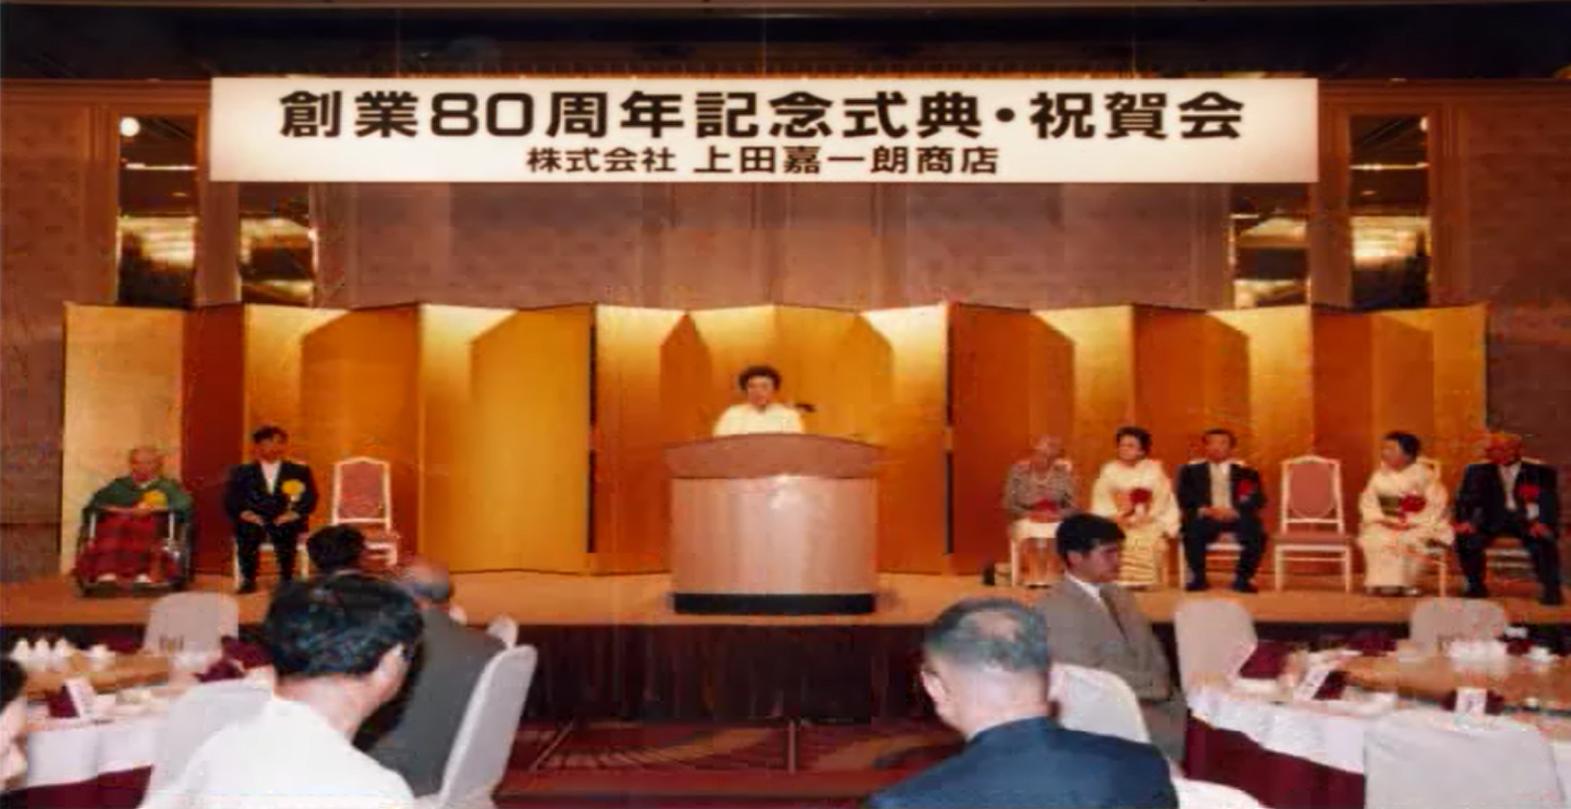 平成12年(2000年)上田嘉一朗商店80周年記念上田裕子社長(当時)のご挨拶